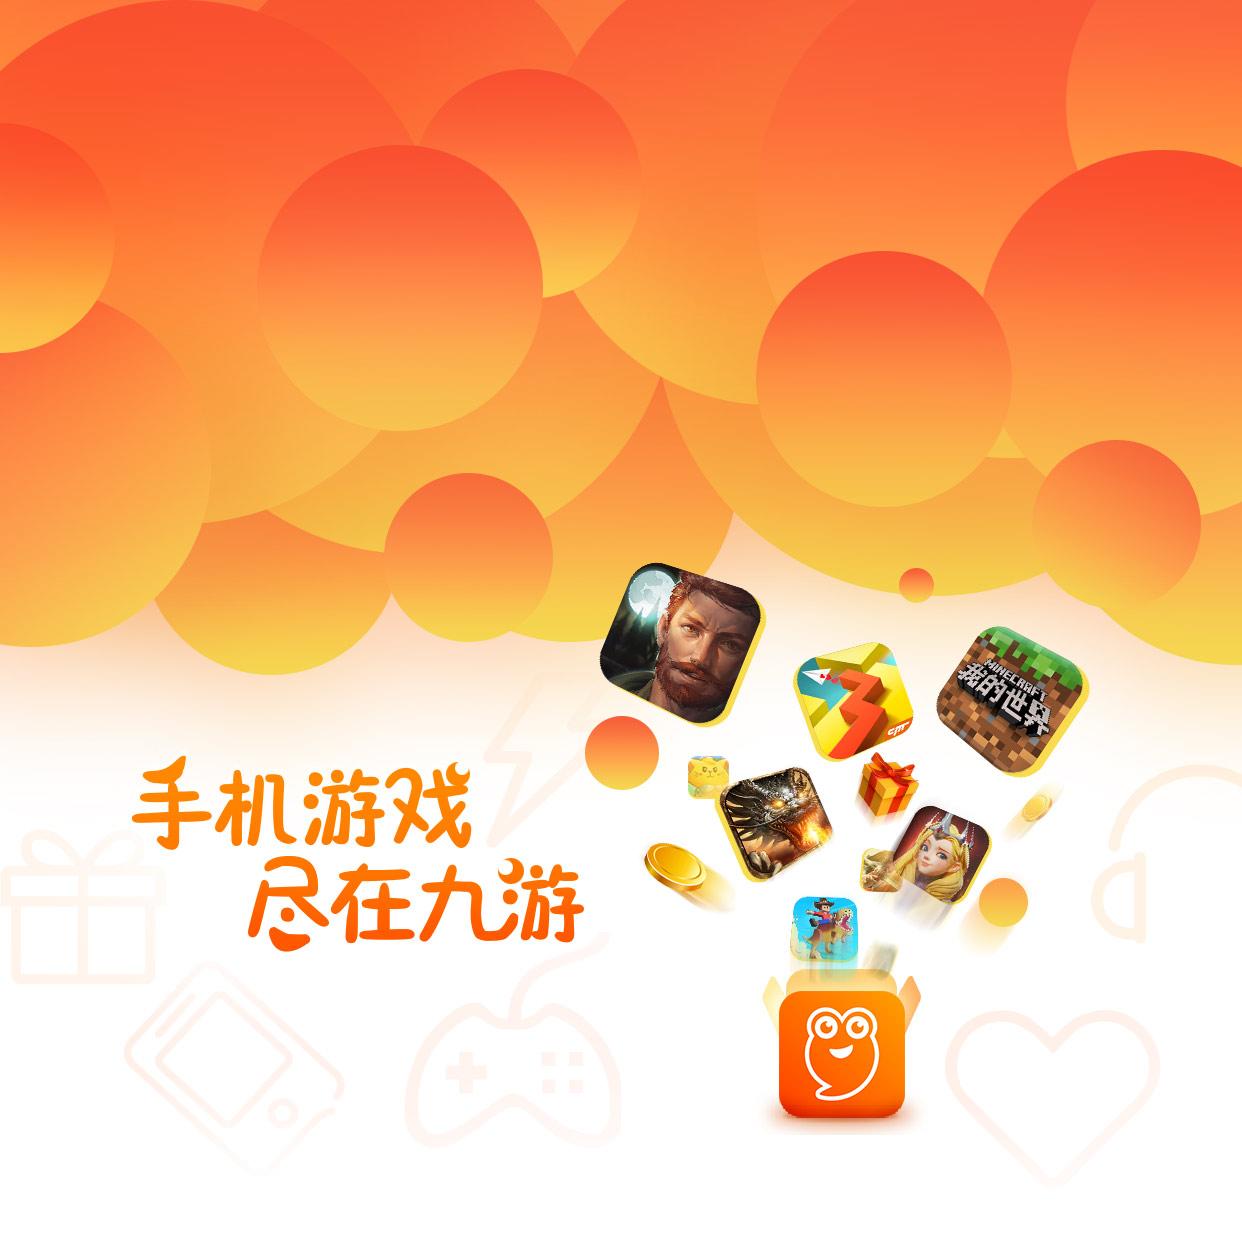 手机游戏 尽在九游——手机游戏下载门户